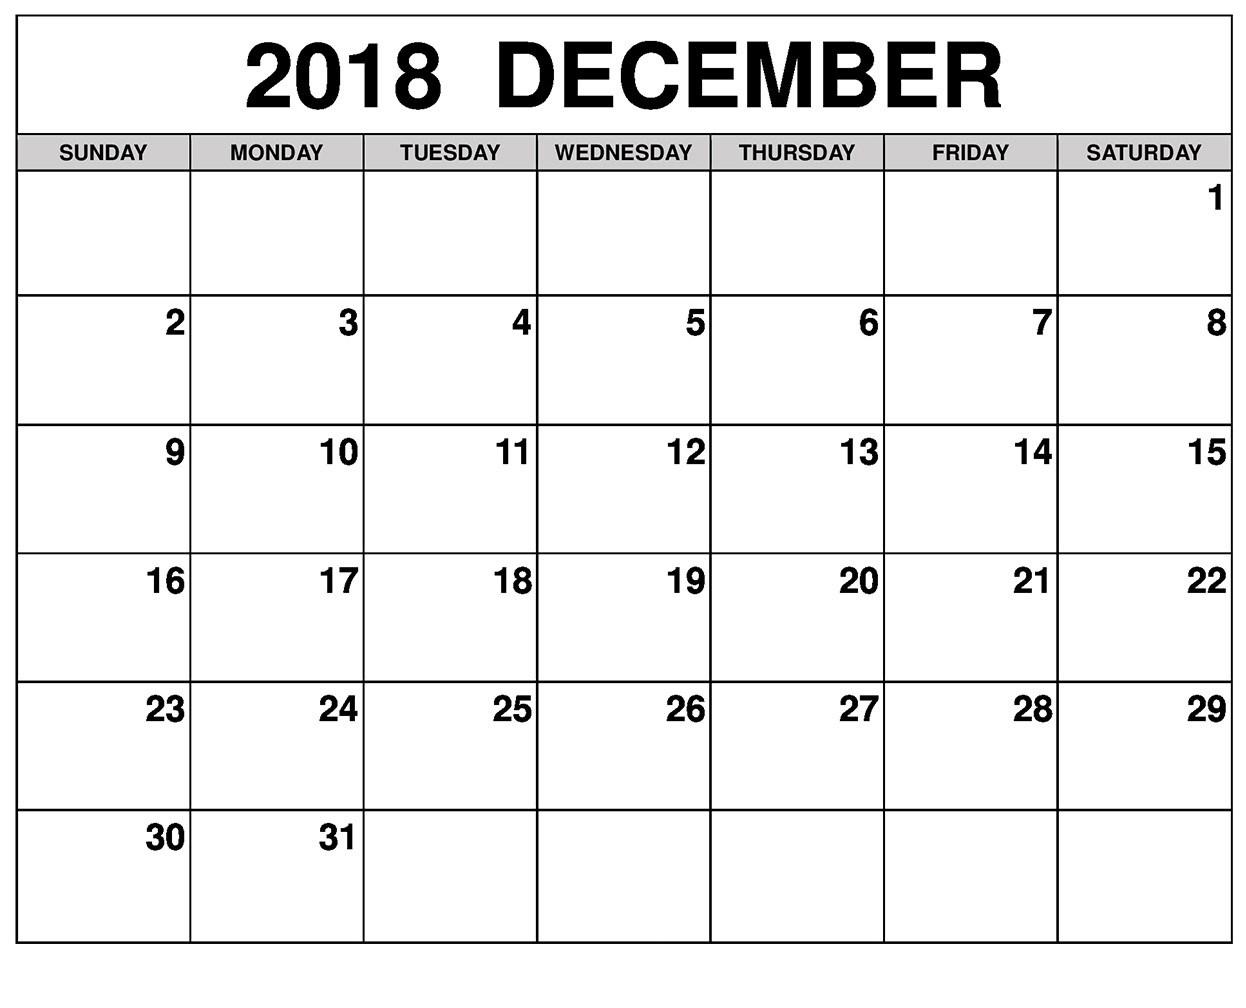 Free December 2018 Calendar Template